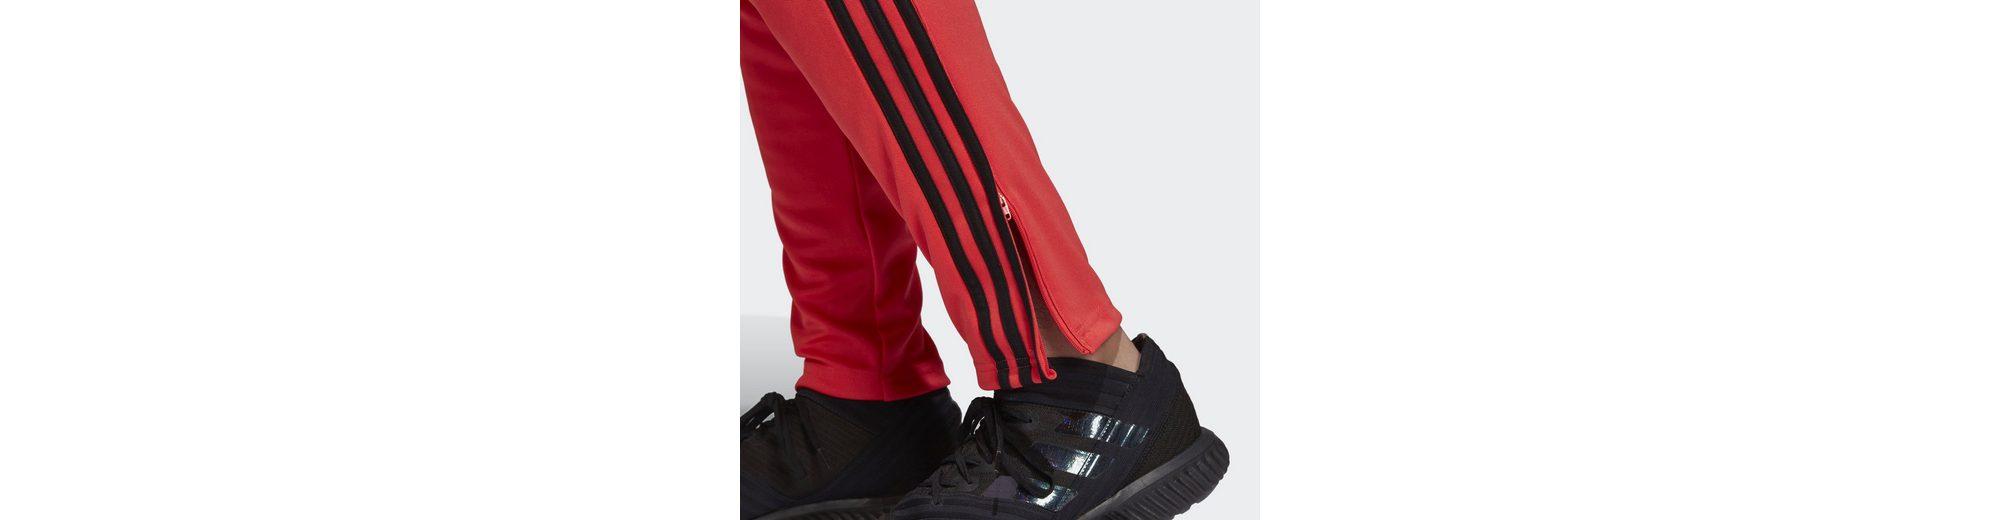 Zahlen Mit Paypal Günstig Online Spielraum Fabrikverkauf adidas Performance Trainingshose Tango lkrDWsxtj